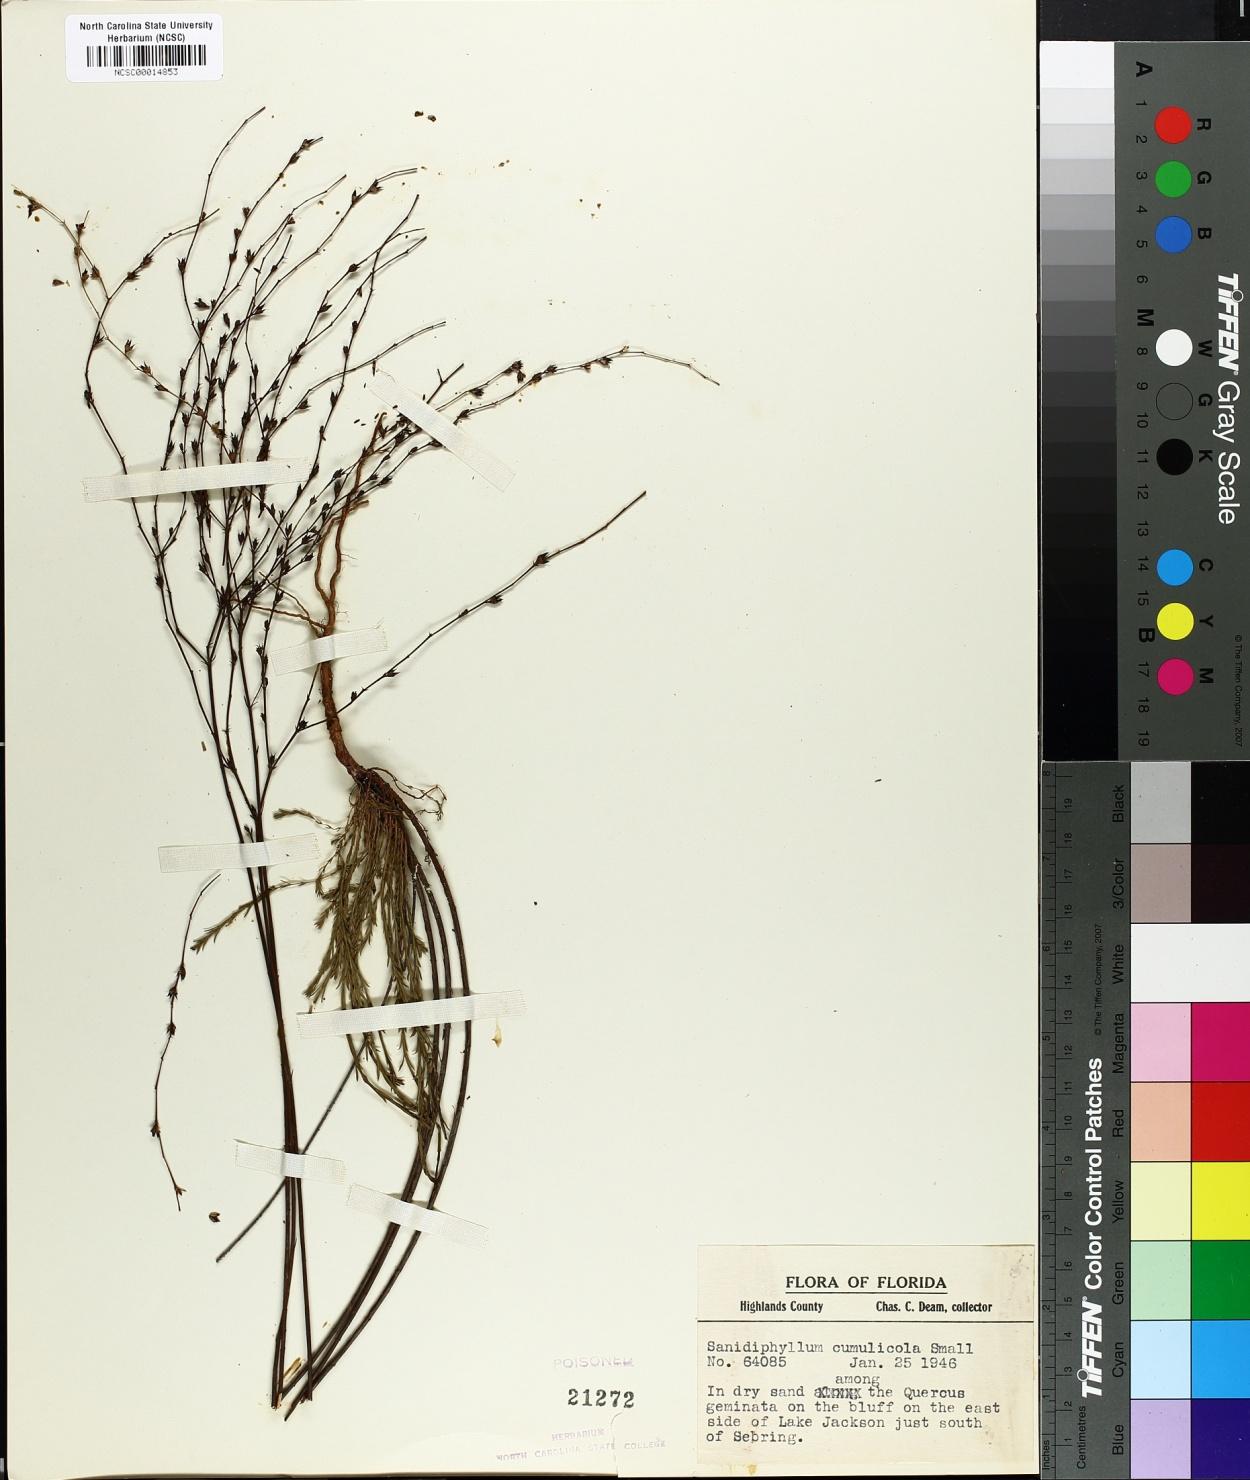 Sanidophyllum cumulicola image